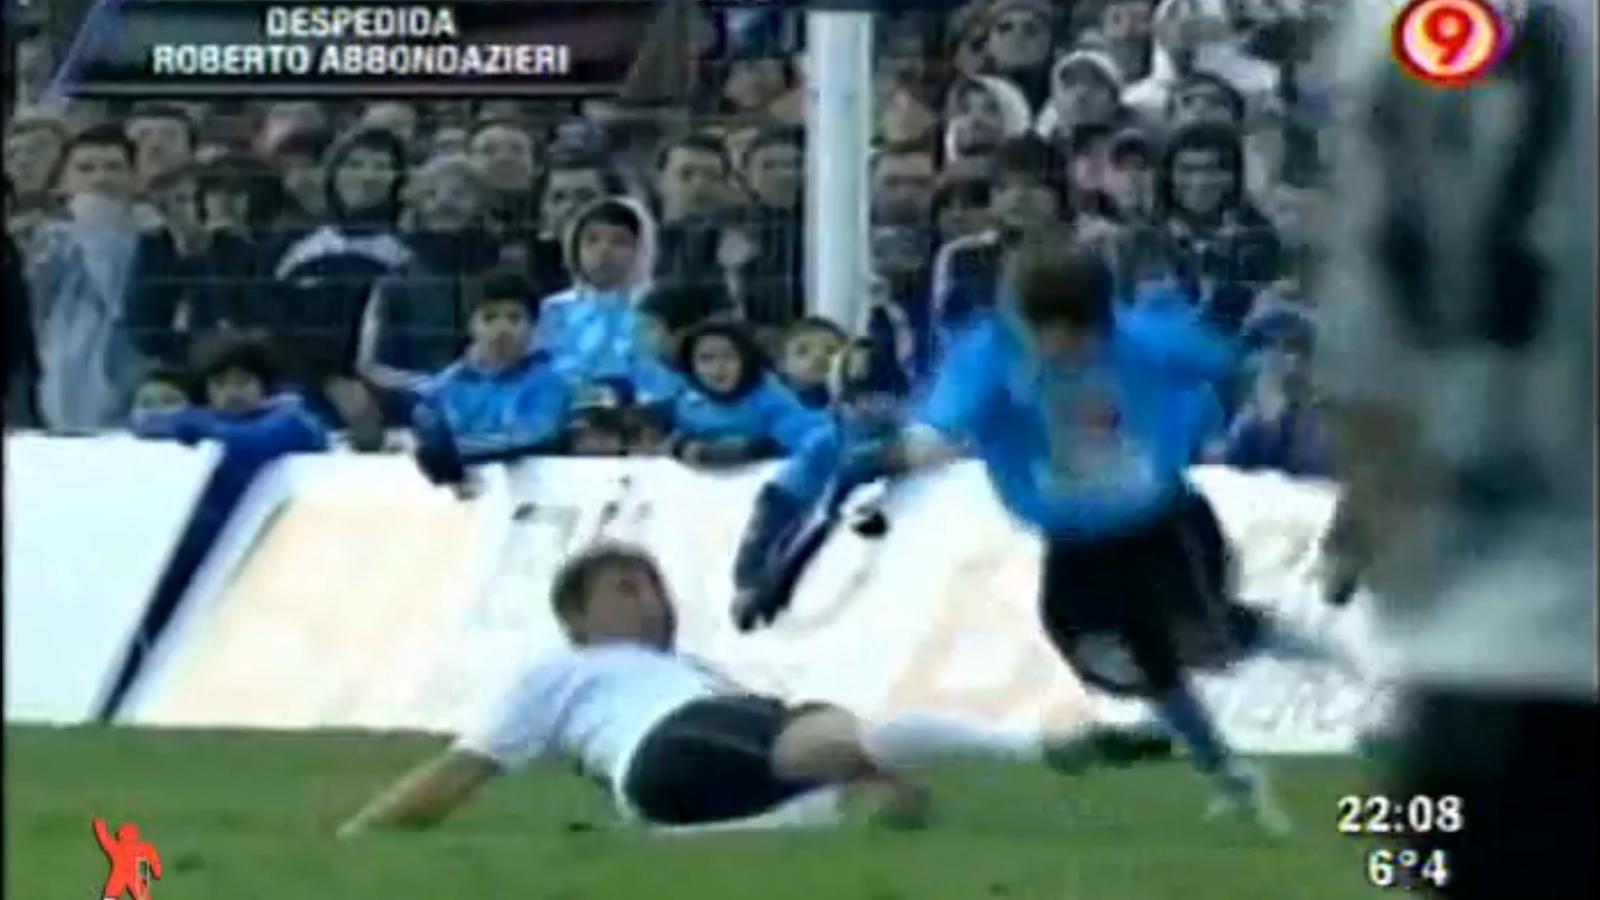 El Pato Abbondanzieri li dóna una puntada de peu al seu fill